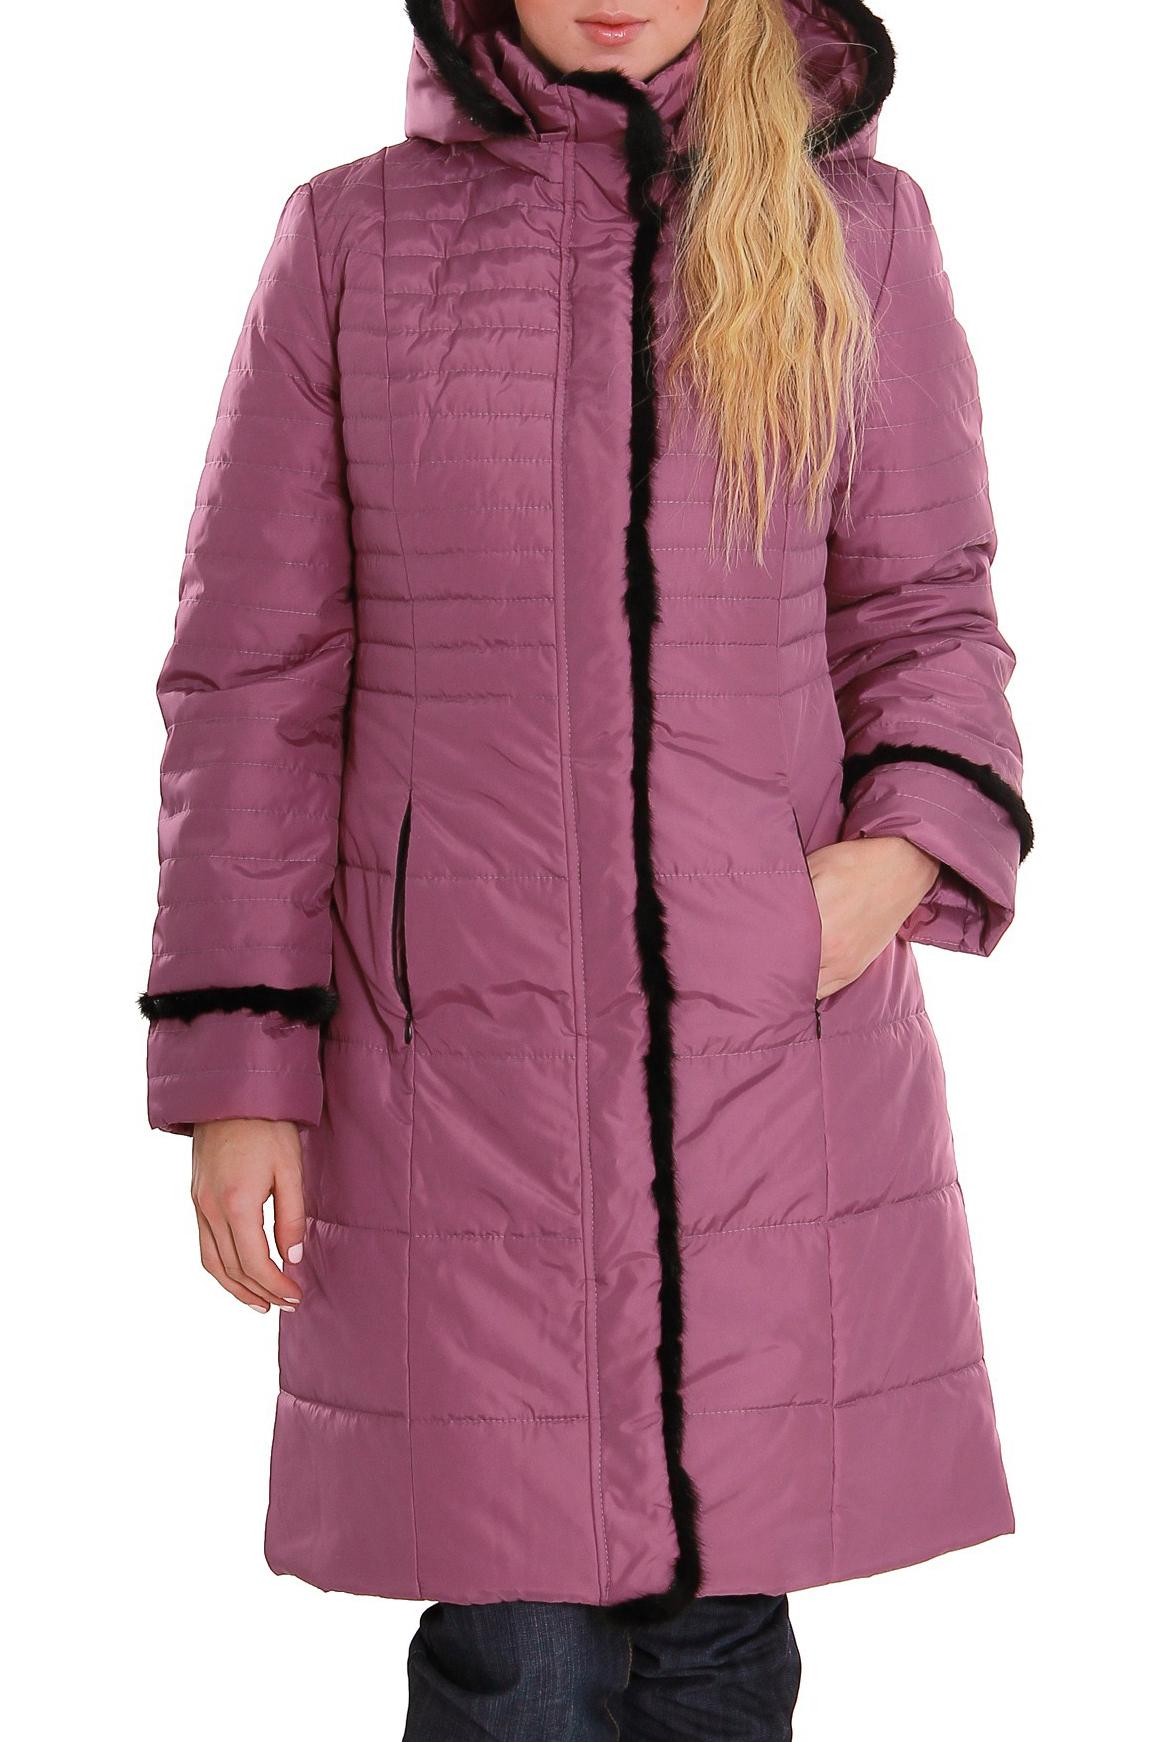 ПальтоКуртки<br>Зимнее пальто полуприталенного силуэта, длинной до колена, с карманами, застежка на молнию. Модель с контрастной отделкой из меха. Ростовка изделия 170 см.  В изделии использованы цвета: розовый, черный  Рост девушки-фотомодели 170 см<br><br>Воротник: Стойка<br>Застежка: С молнией<br>По длине: Средней длины<br>По материалу: Тканевые<br>По рисунку: Однотонные<br>По силуэту: Полуприталенные<br>По стилю: Повседневный стиль<br>По элементам: С декором,С карманами<br>Рукав: Длинный рукав<br>По сезону: Зима<br>Размер : 44,46,48,50,52,54<br>Материал: Болонья<br>Количество в наличии: 6